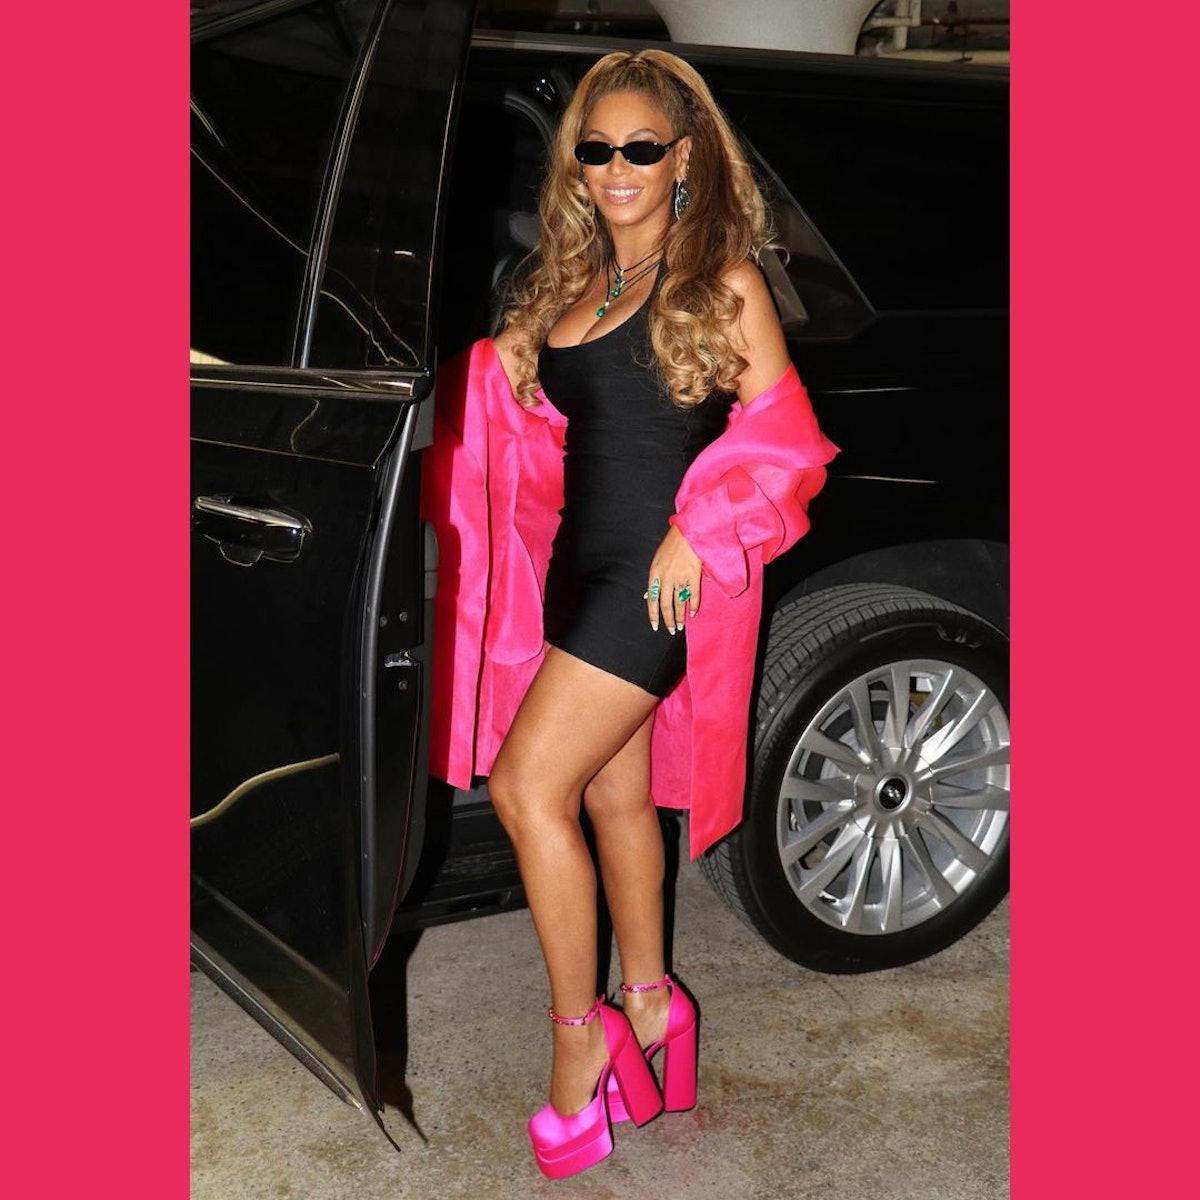 Beyoncé channeling Barbie in Versace